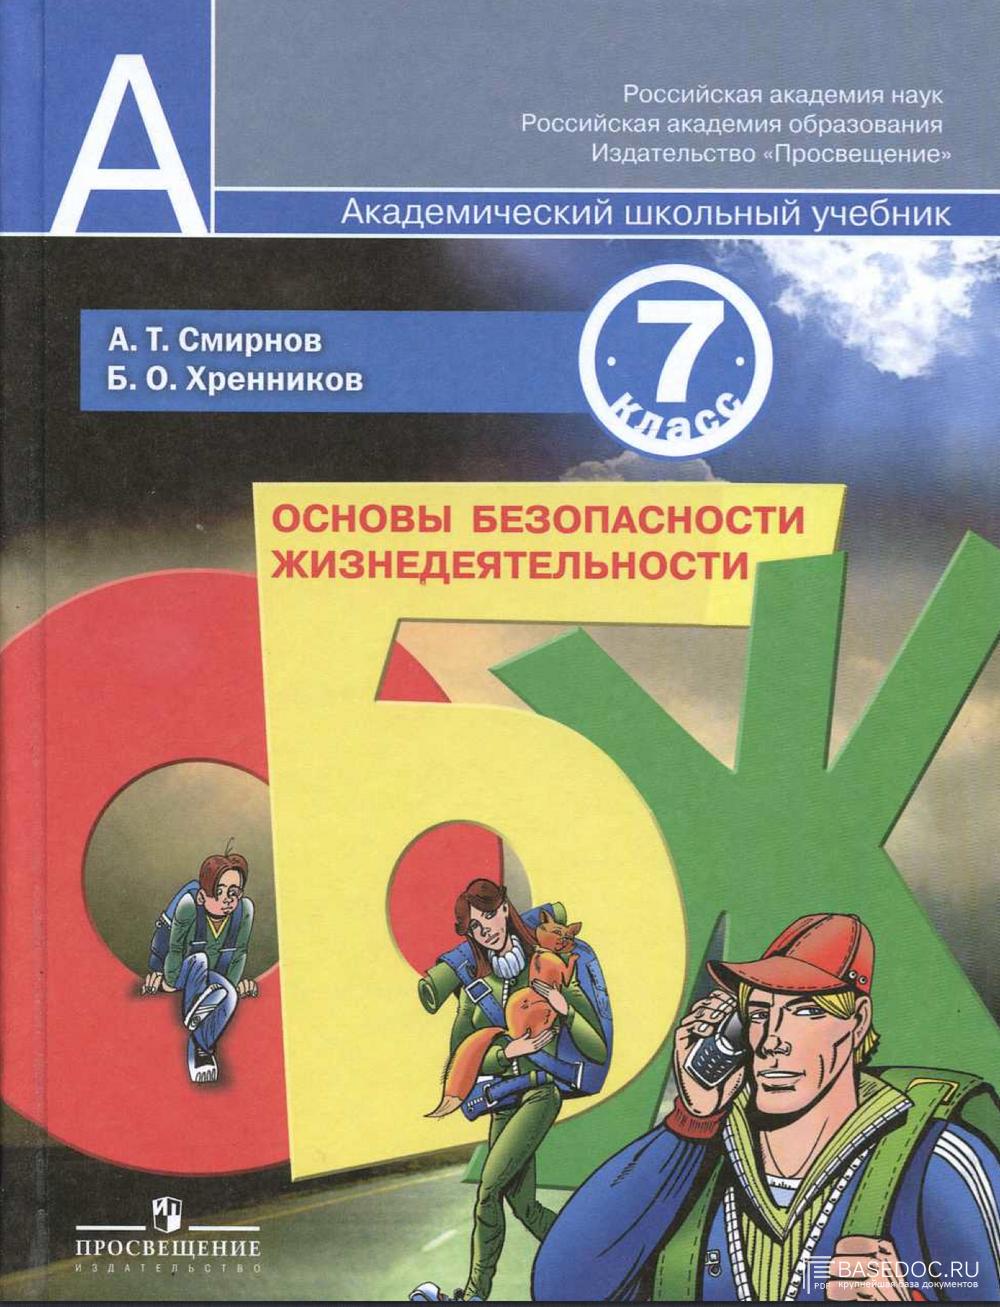 Гдз по русскому языку 5 класс м.в.панов